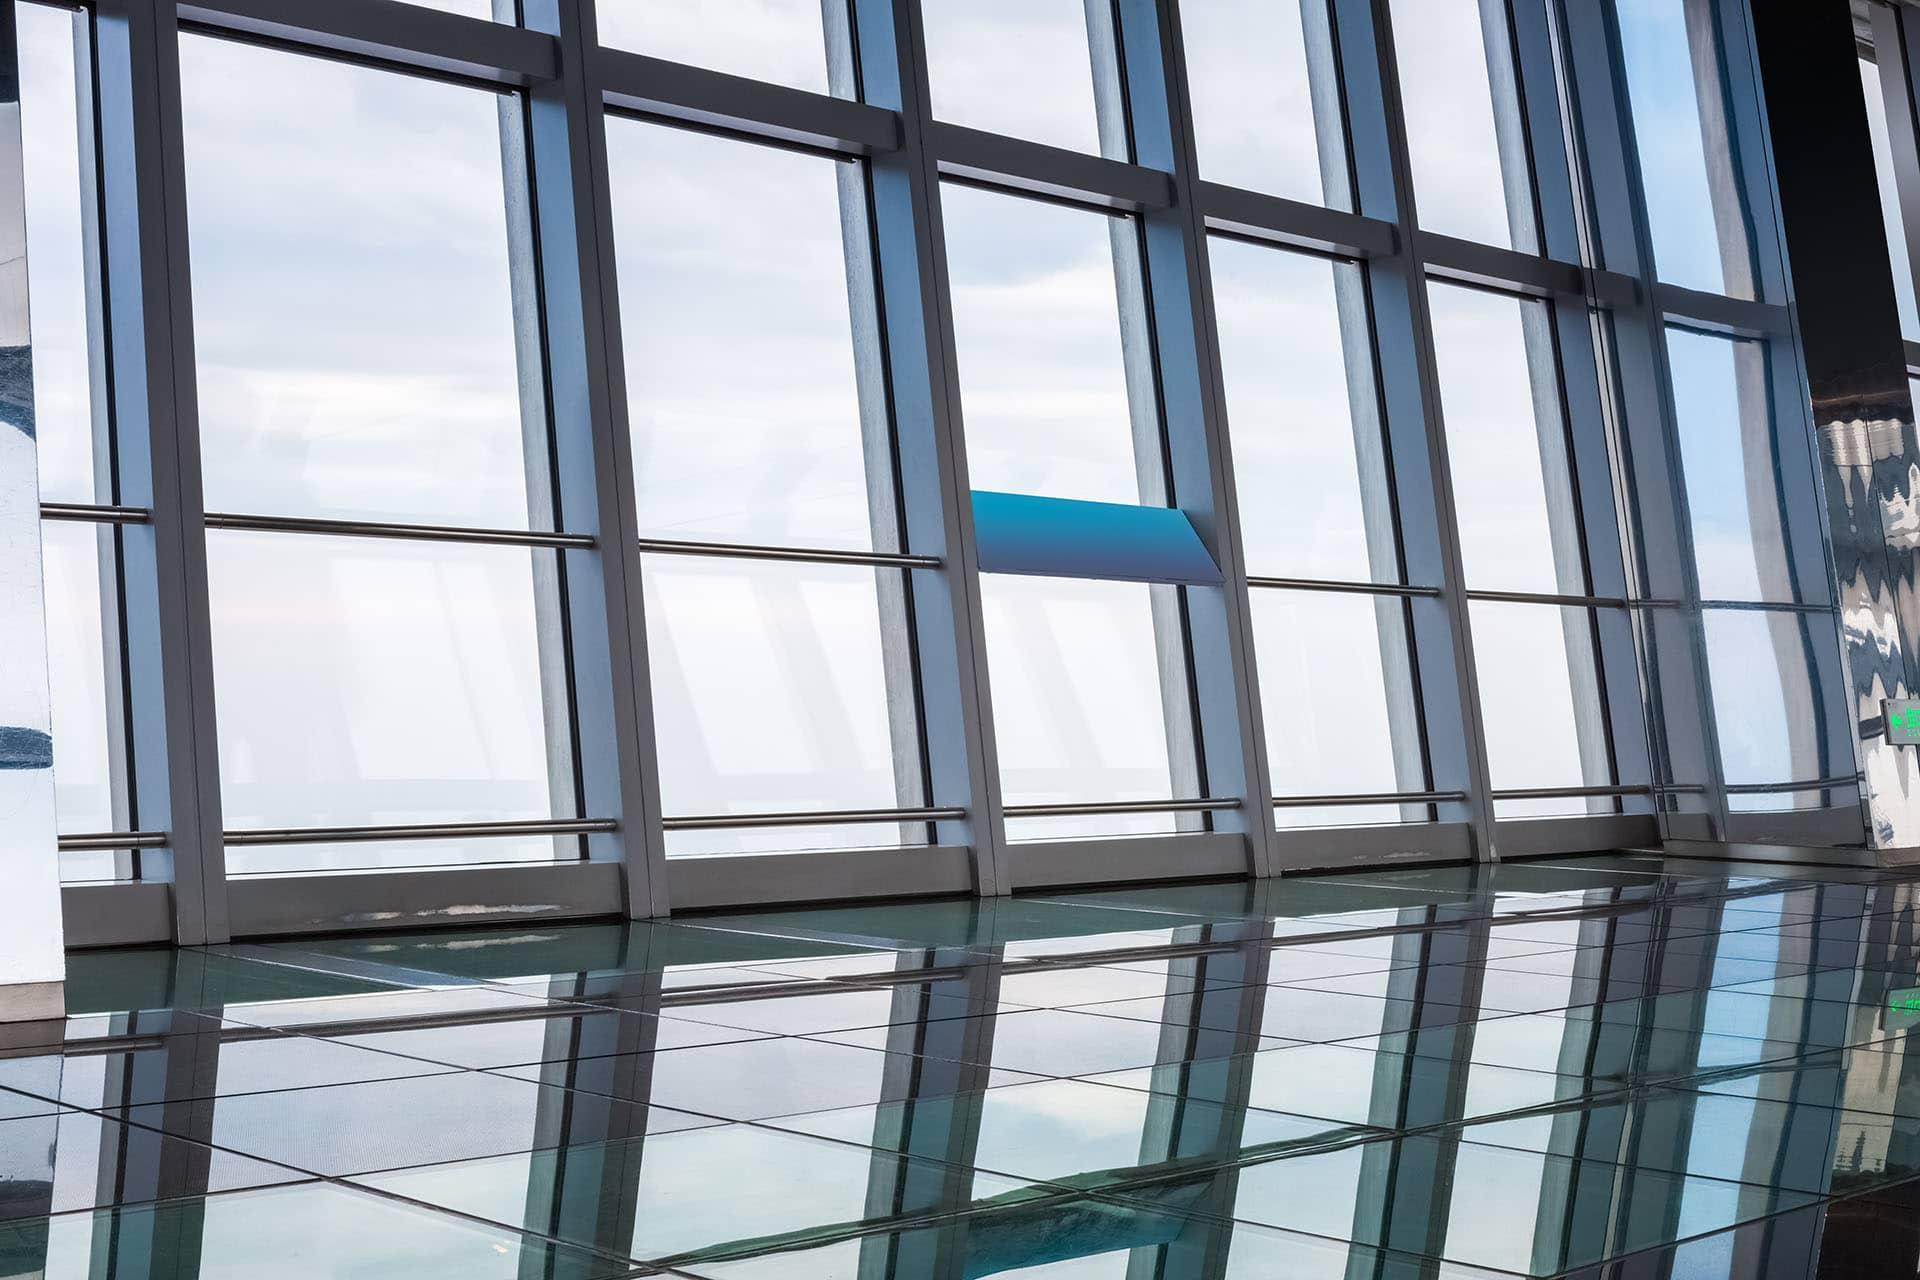 ventanas ahorro energético